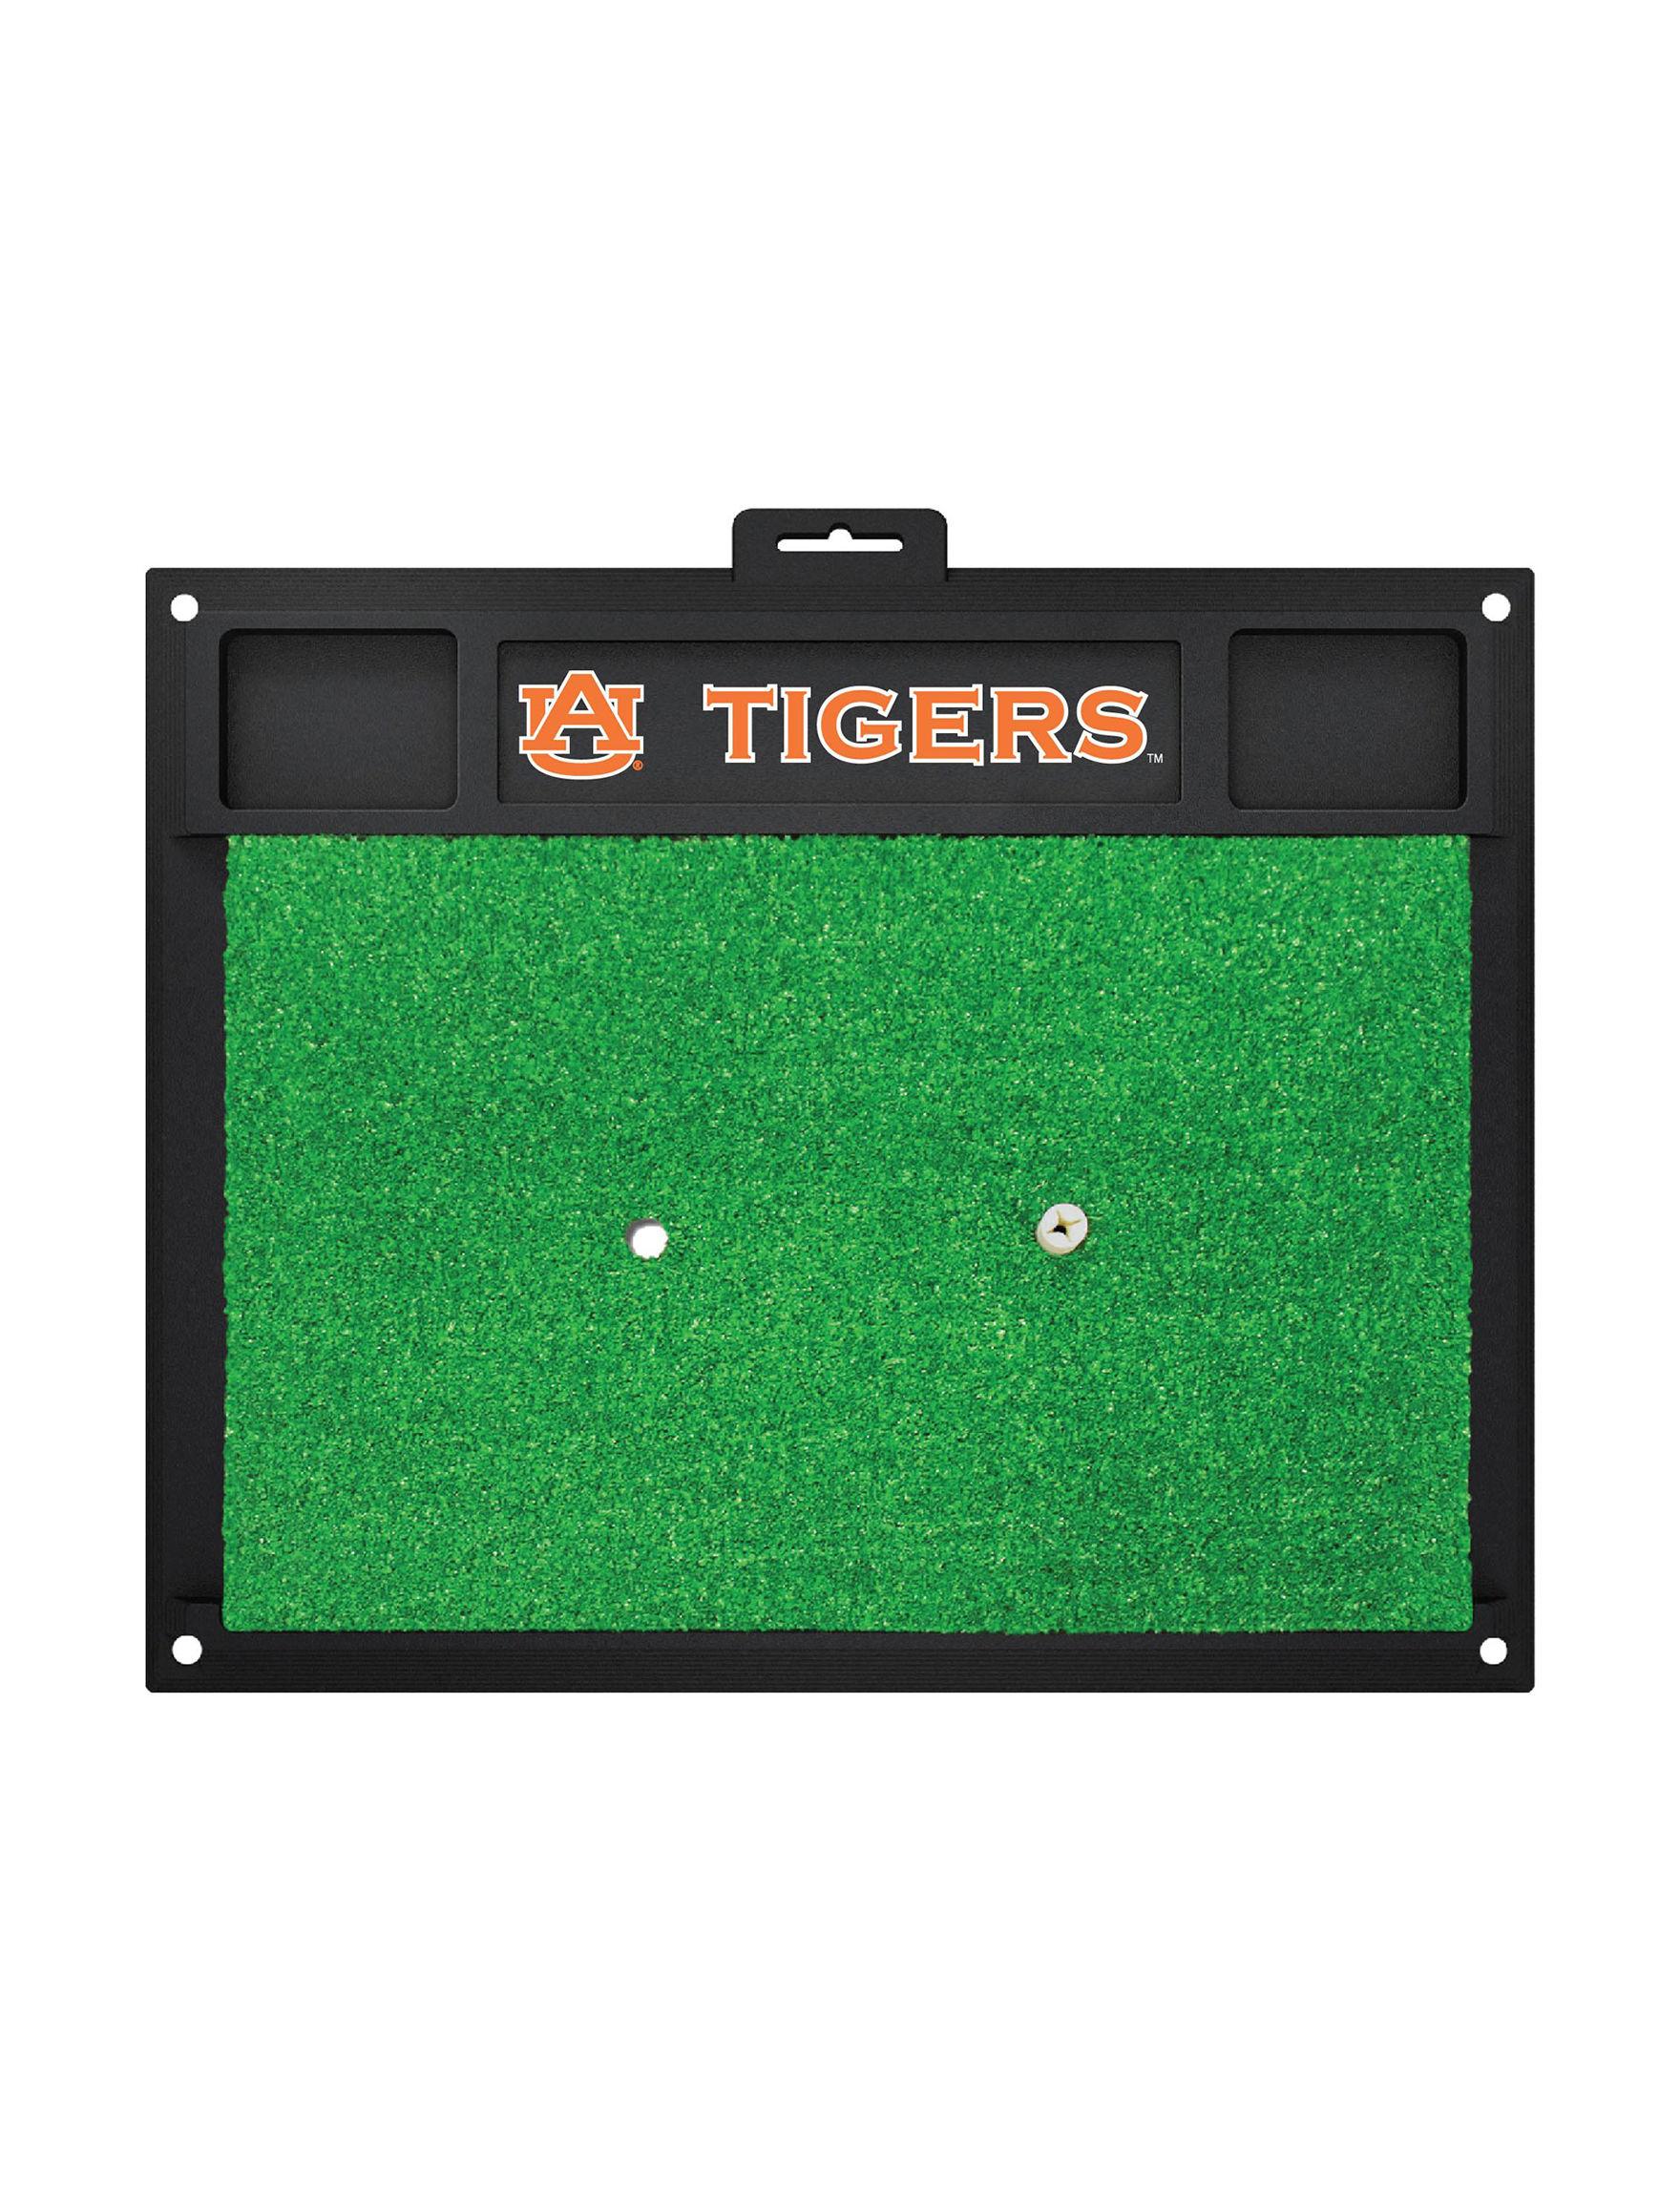 Fanmats Blue / Orange Outdoor Rugs & Doormats Outdoor Decor